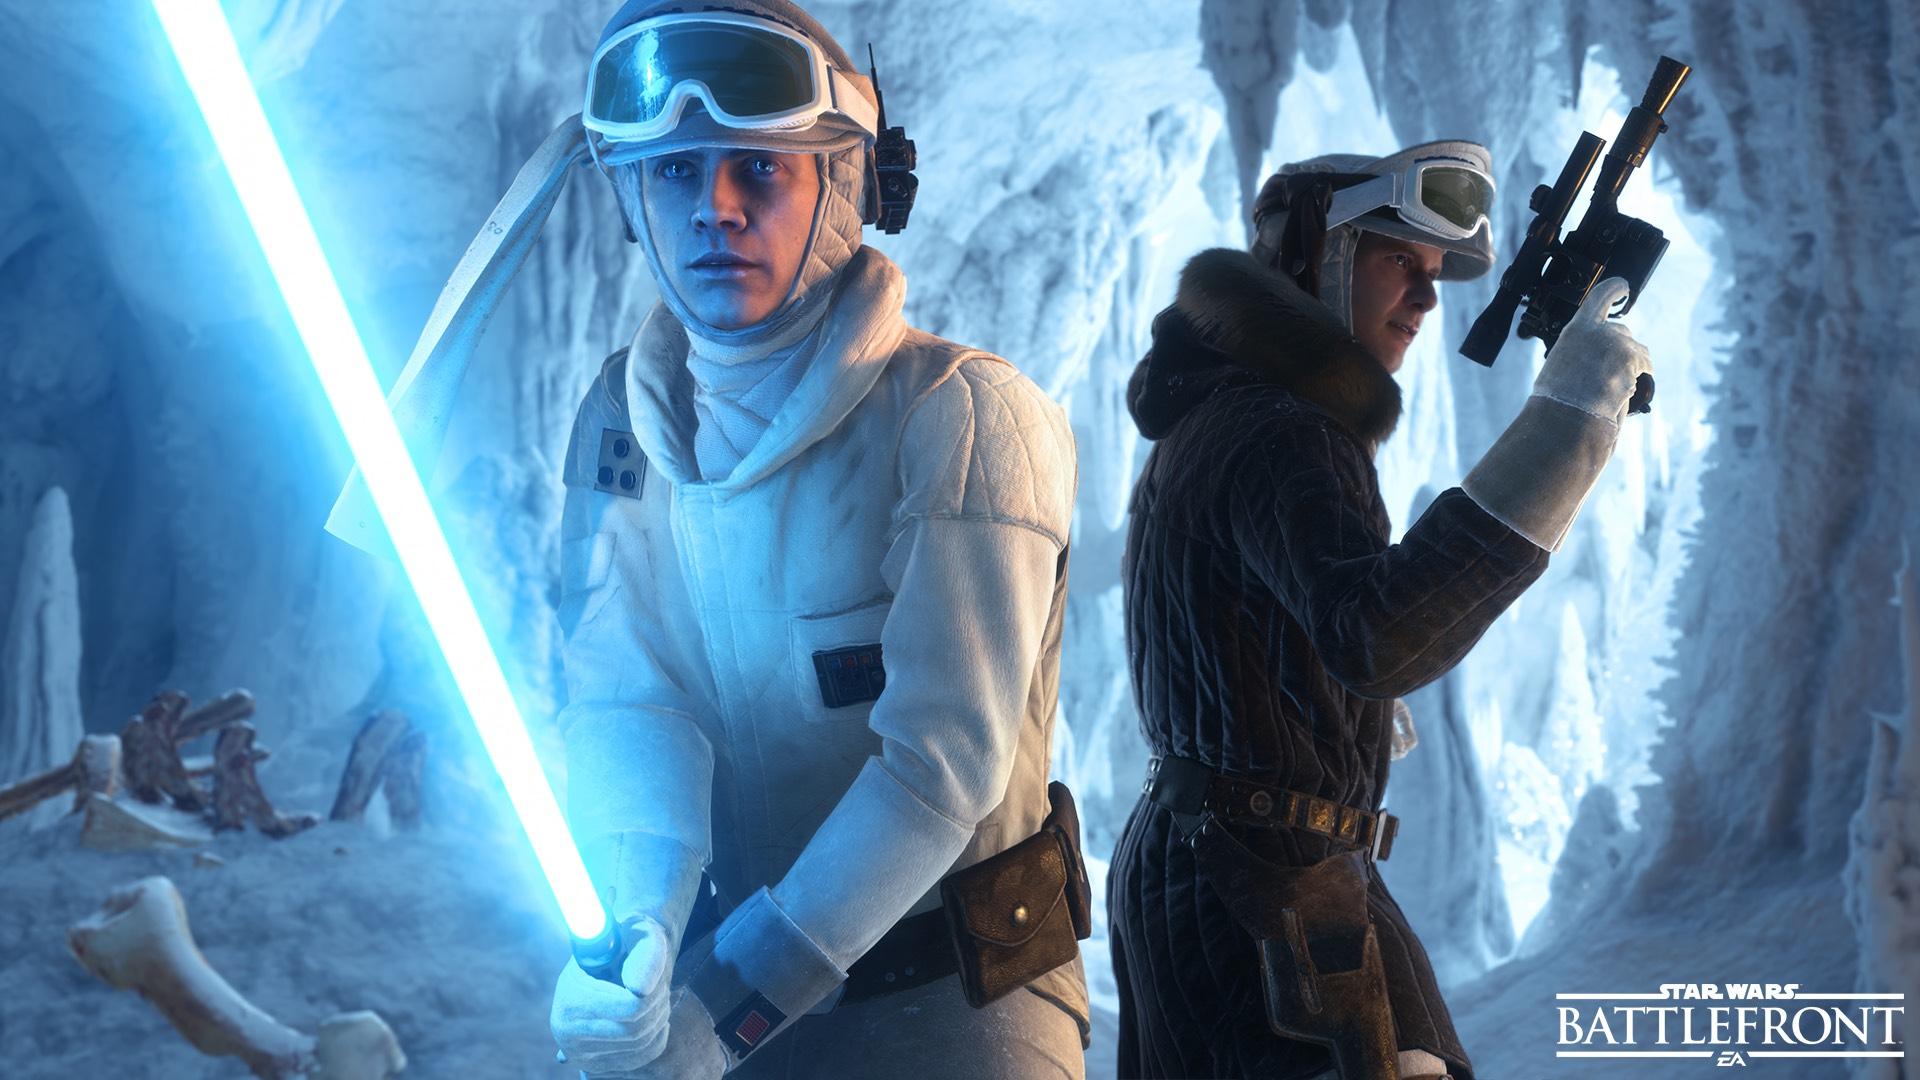 Star Wars Battlefront - Die Zukunft